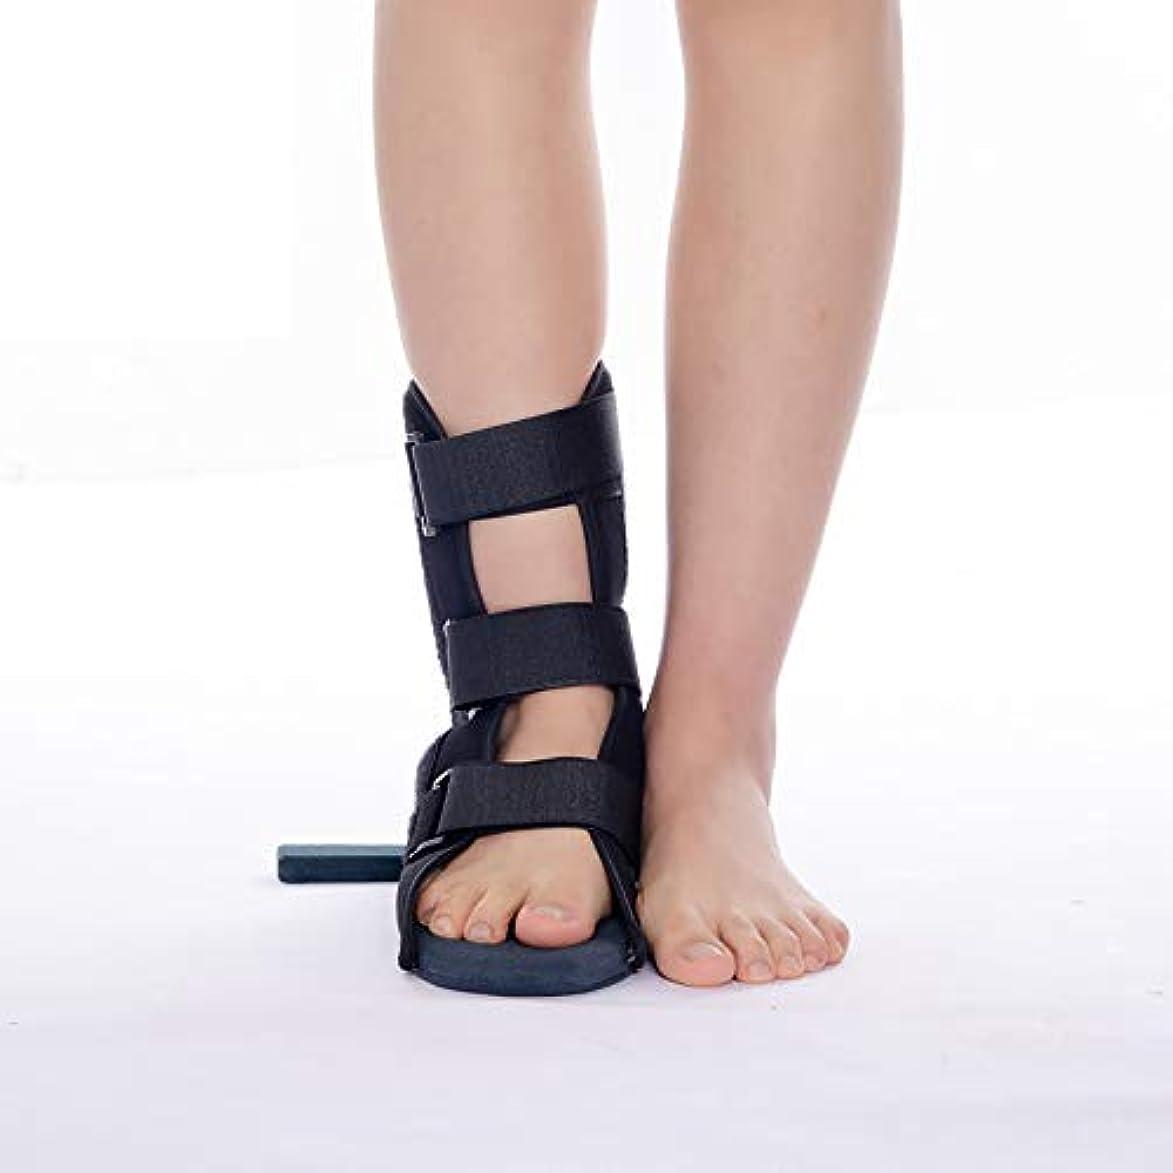 送る包囲シリング足固定整形外科用靴足ブレースサポート回転防止足首捻挫スタビライザーブーツ用足首関節捻挫骨折リハビリテーション